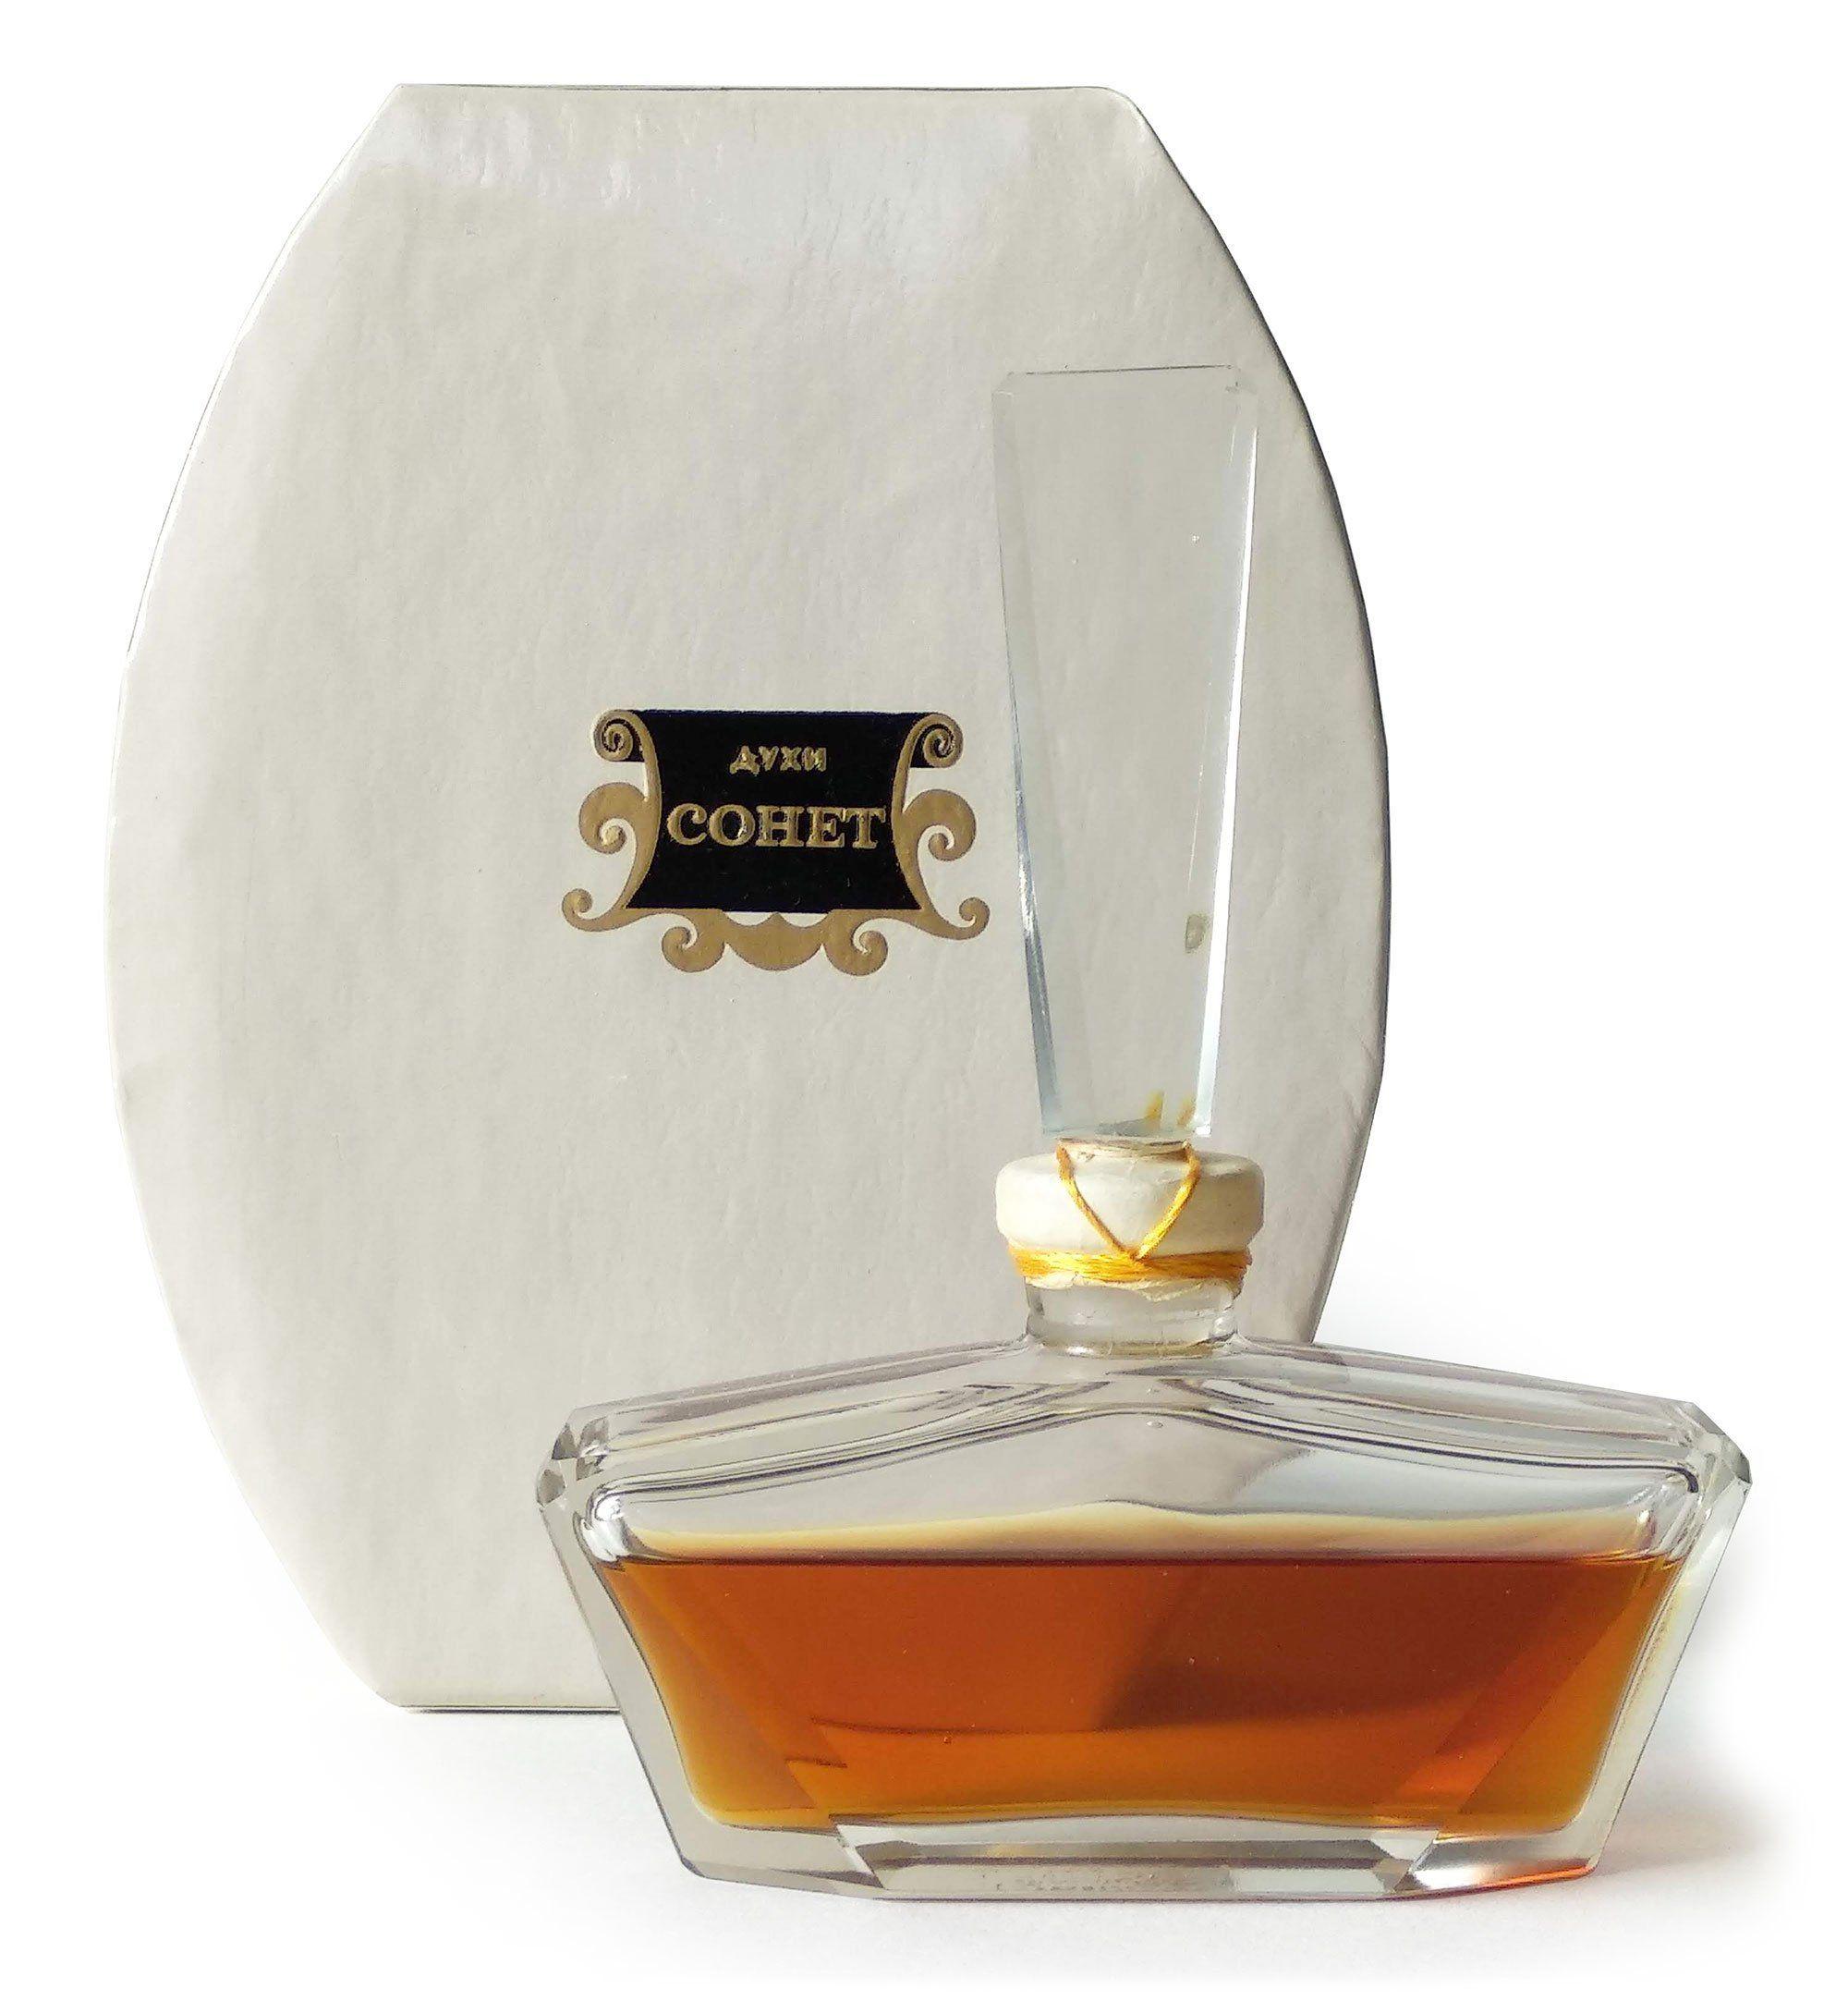 Spletya V Girlyandy Krapivu Lyutik Iris Orhidei Vintazhnye Aromaty Perfume Perfume Bottles Paco Rabanne Perfume